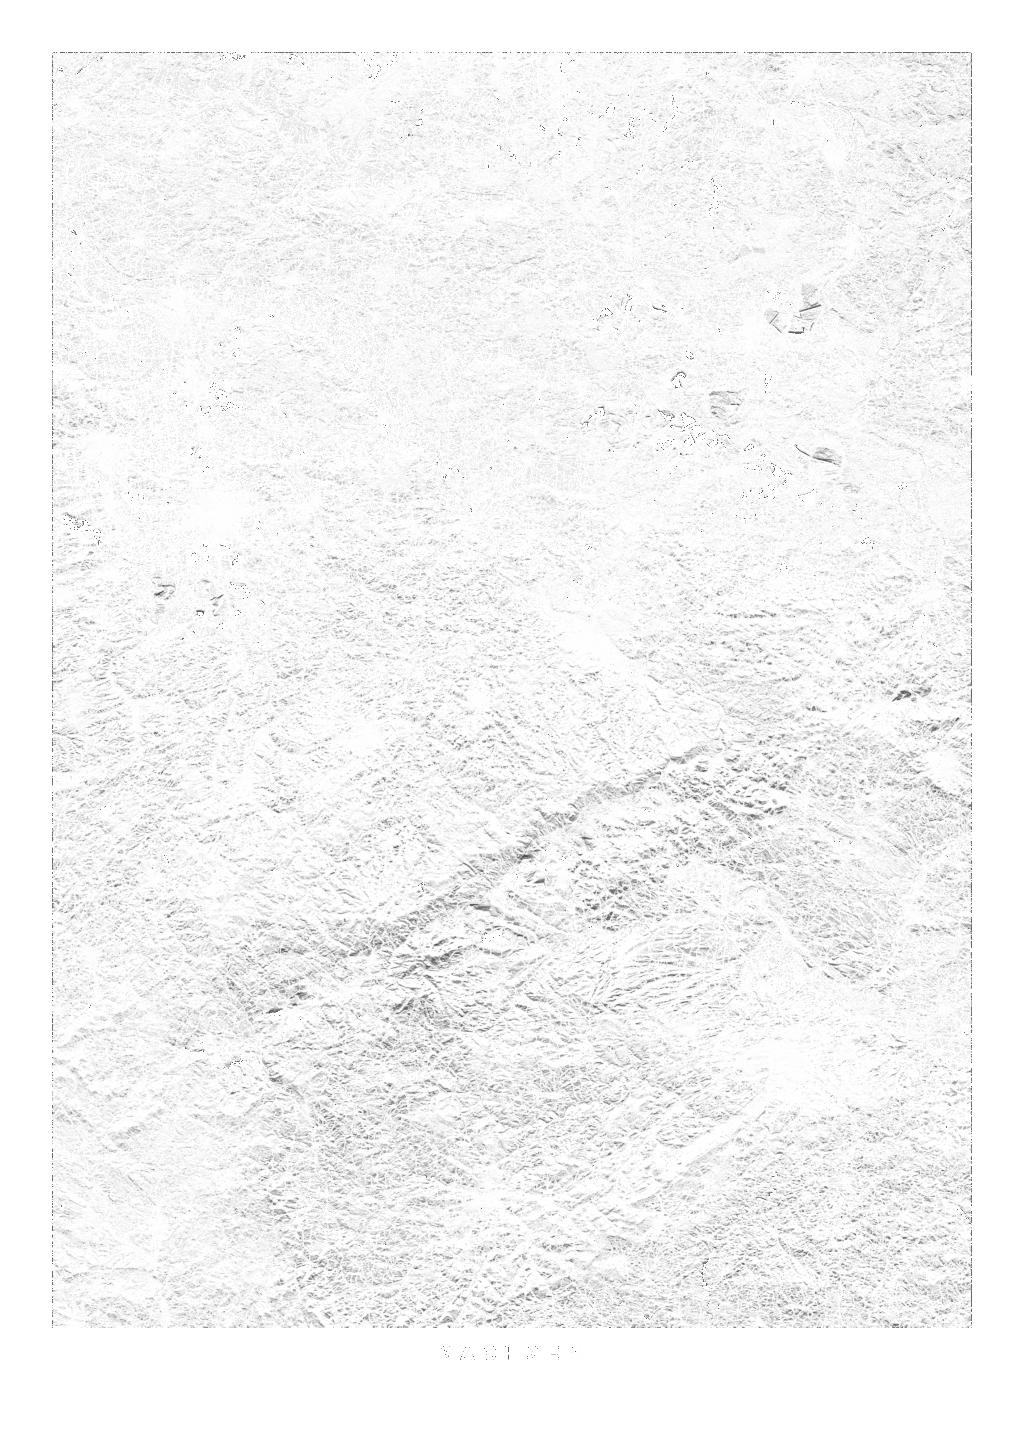 Sachsen wall map